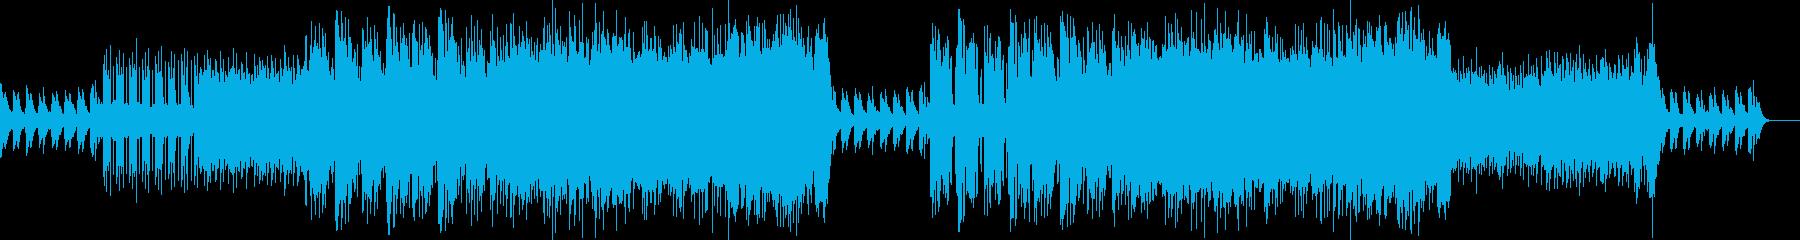 サックスメインのほのぼのしたポップスの再生済みの波形